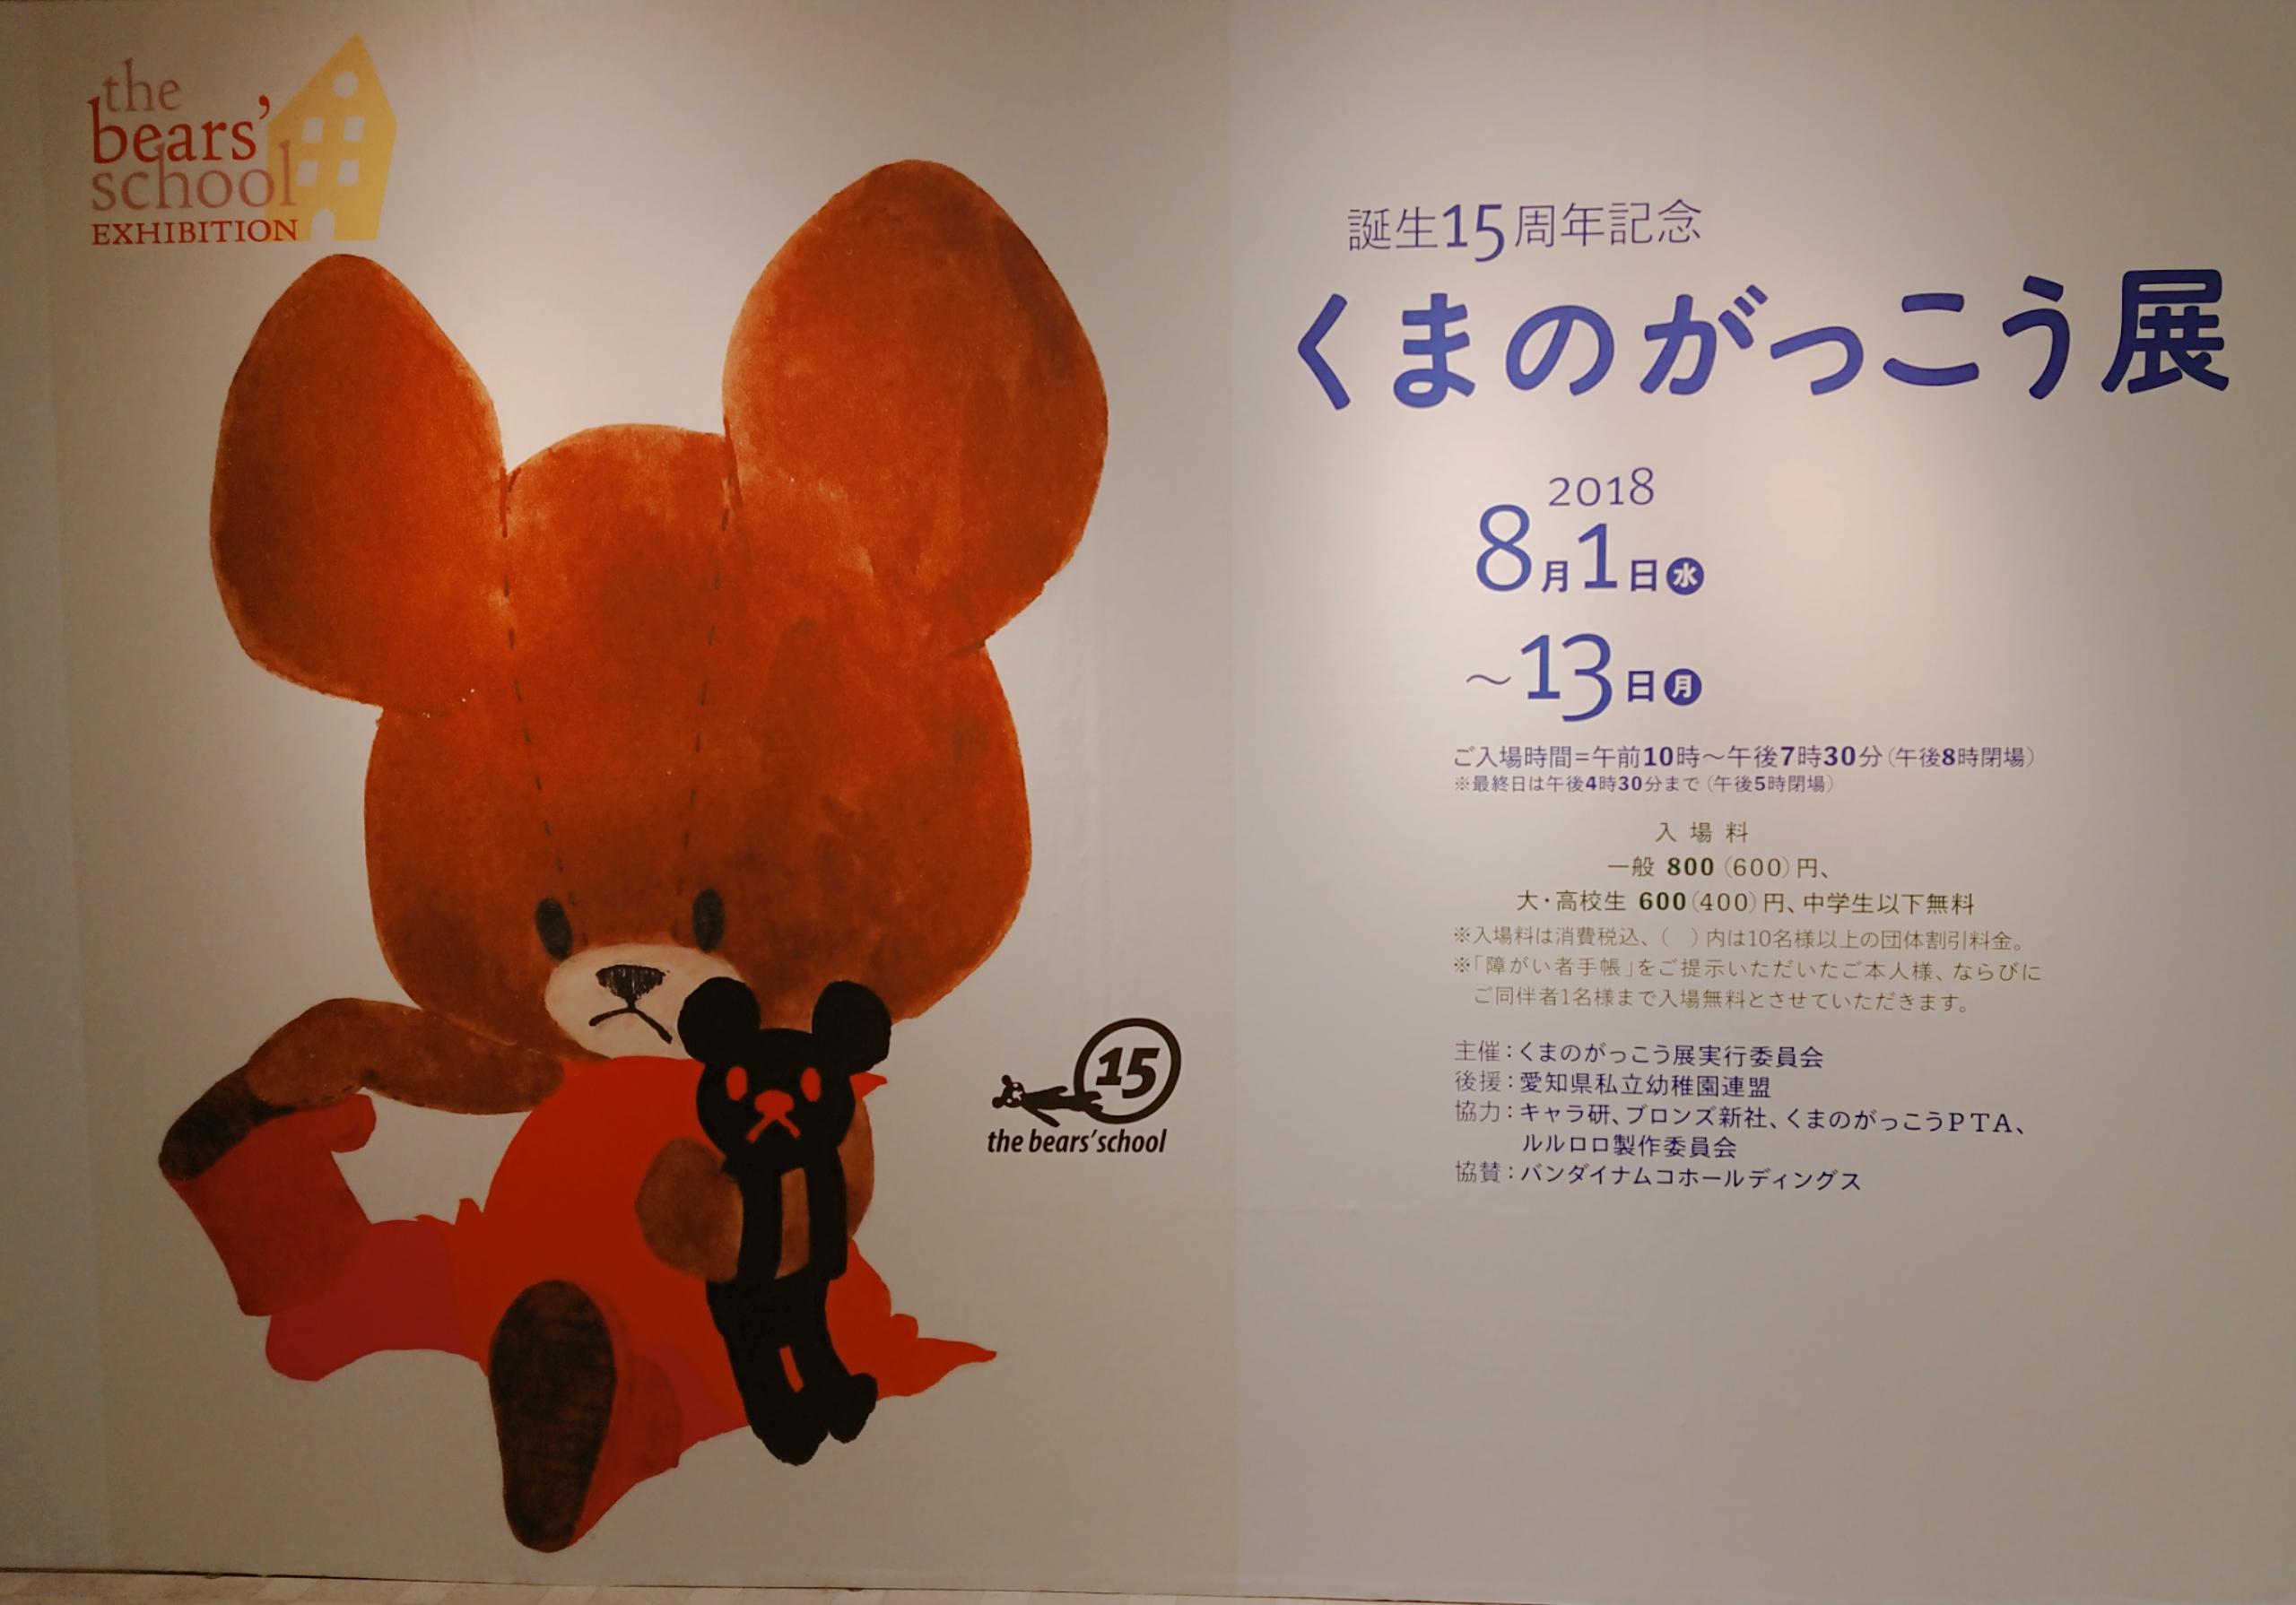 誕生15周年記念『くまのがっこう展』JR名古屋タカシマヤで開催中!